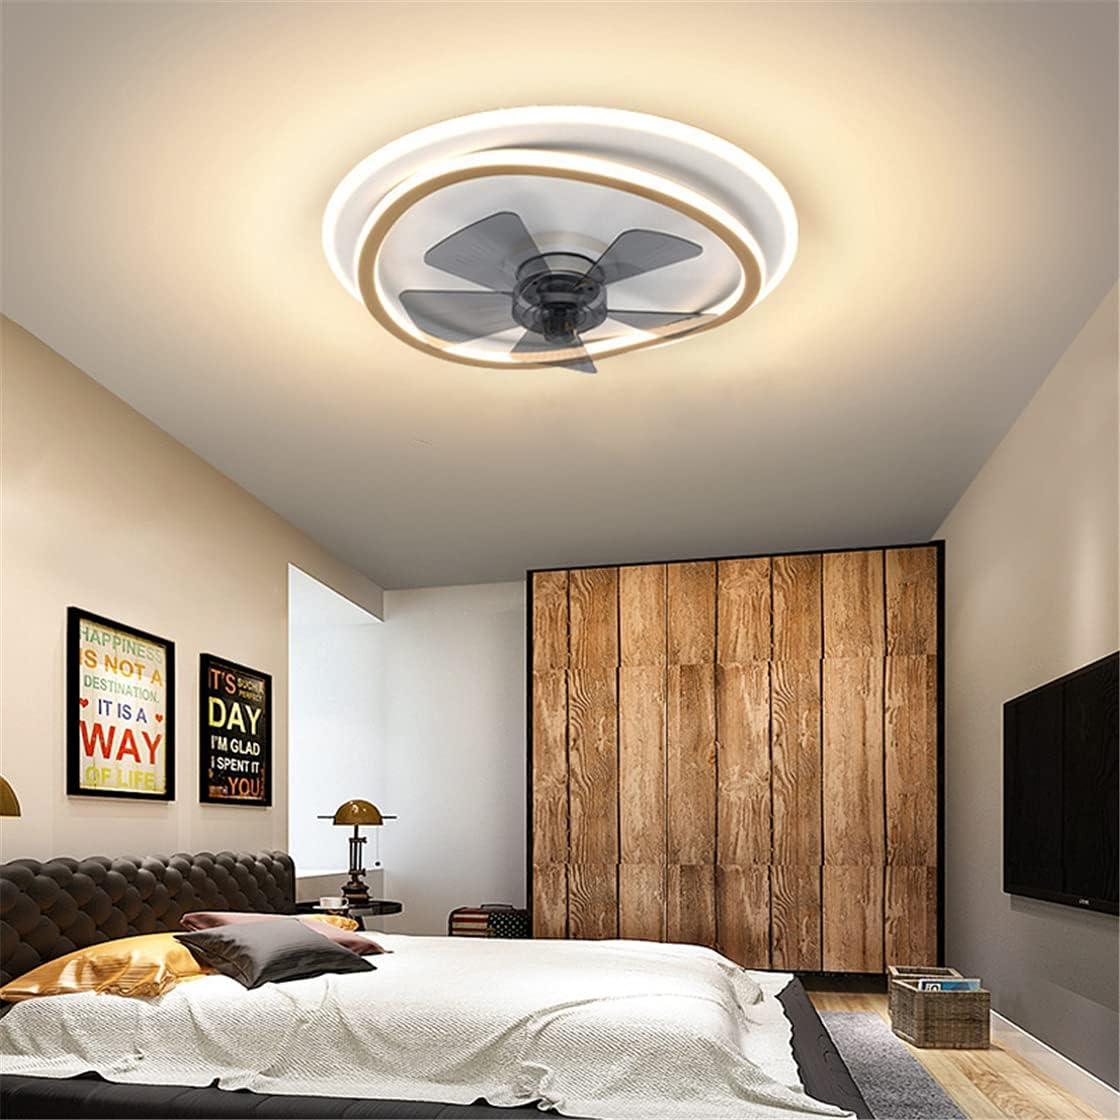 OMGPFR Lámpara de Techo Reversible con Ventilador LED, y Control Remoto Regulable Ø45 CM Iluminación de Ventiladores de Techo silenciosos Simples 6 Luces de Velocidad del Viento Ajustables